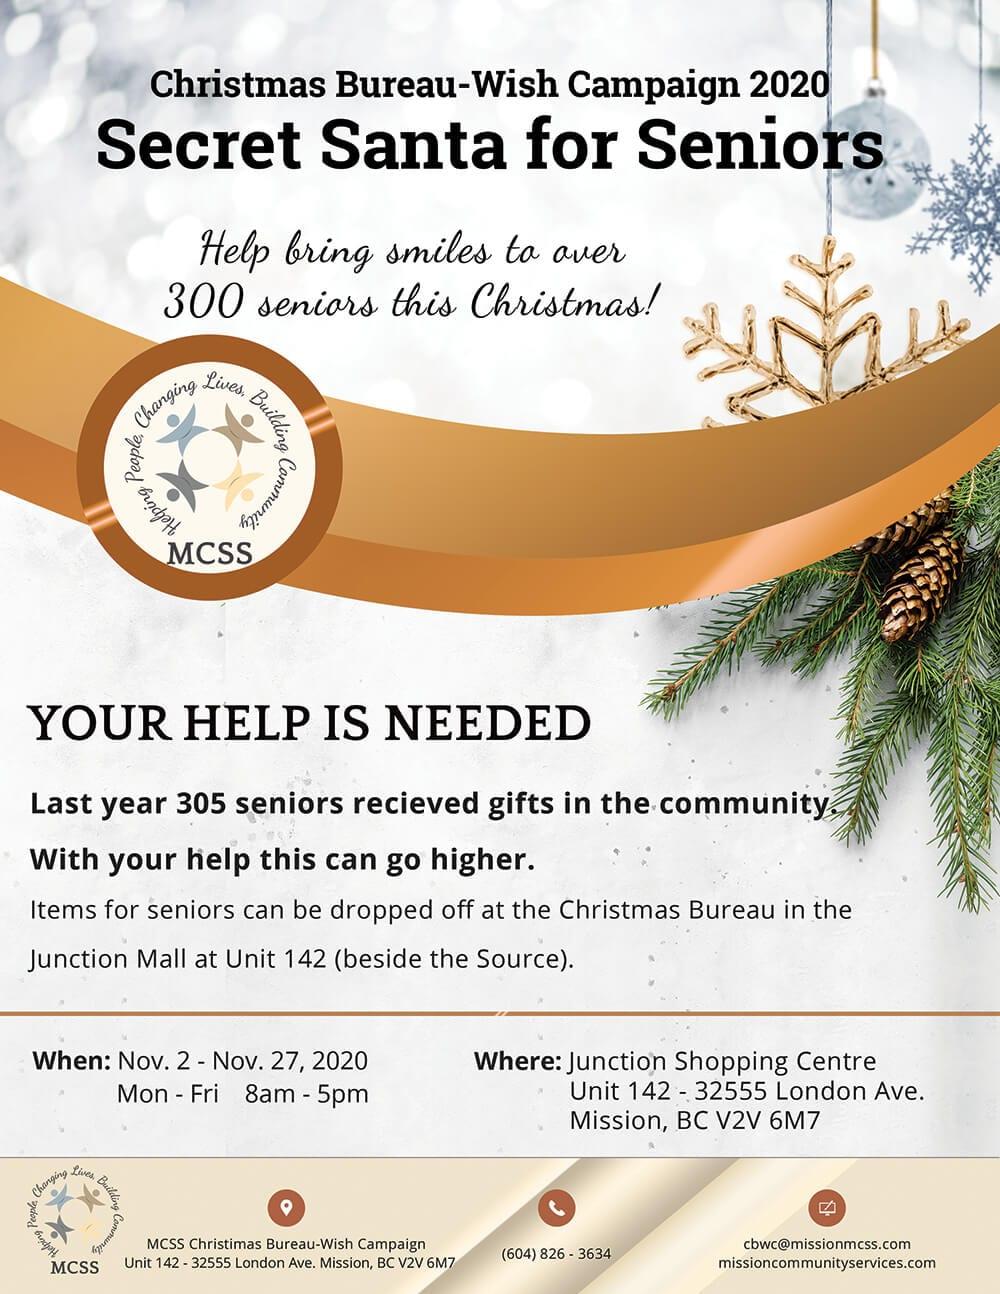 Secret Santa for Seniors